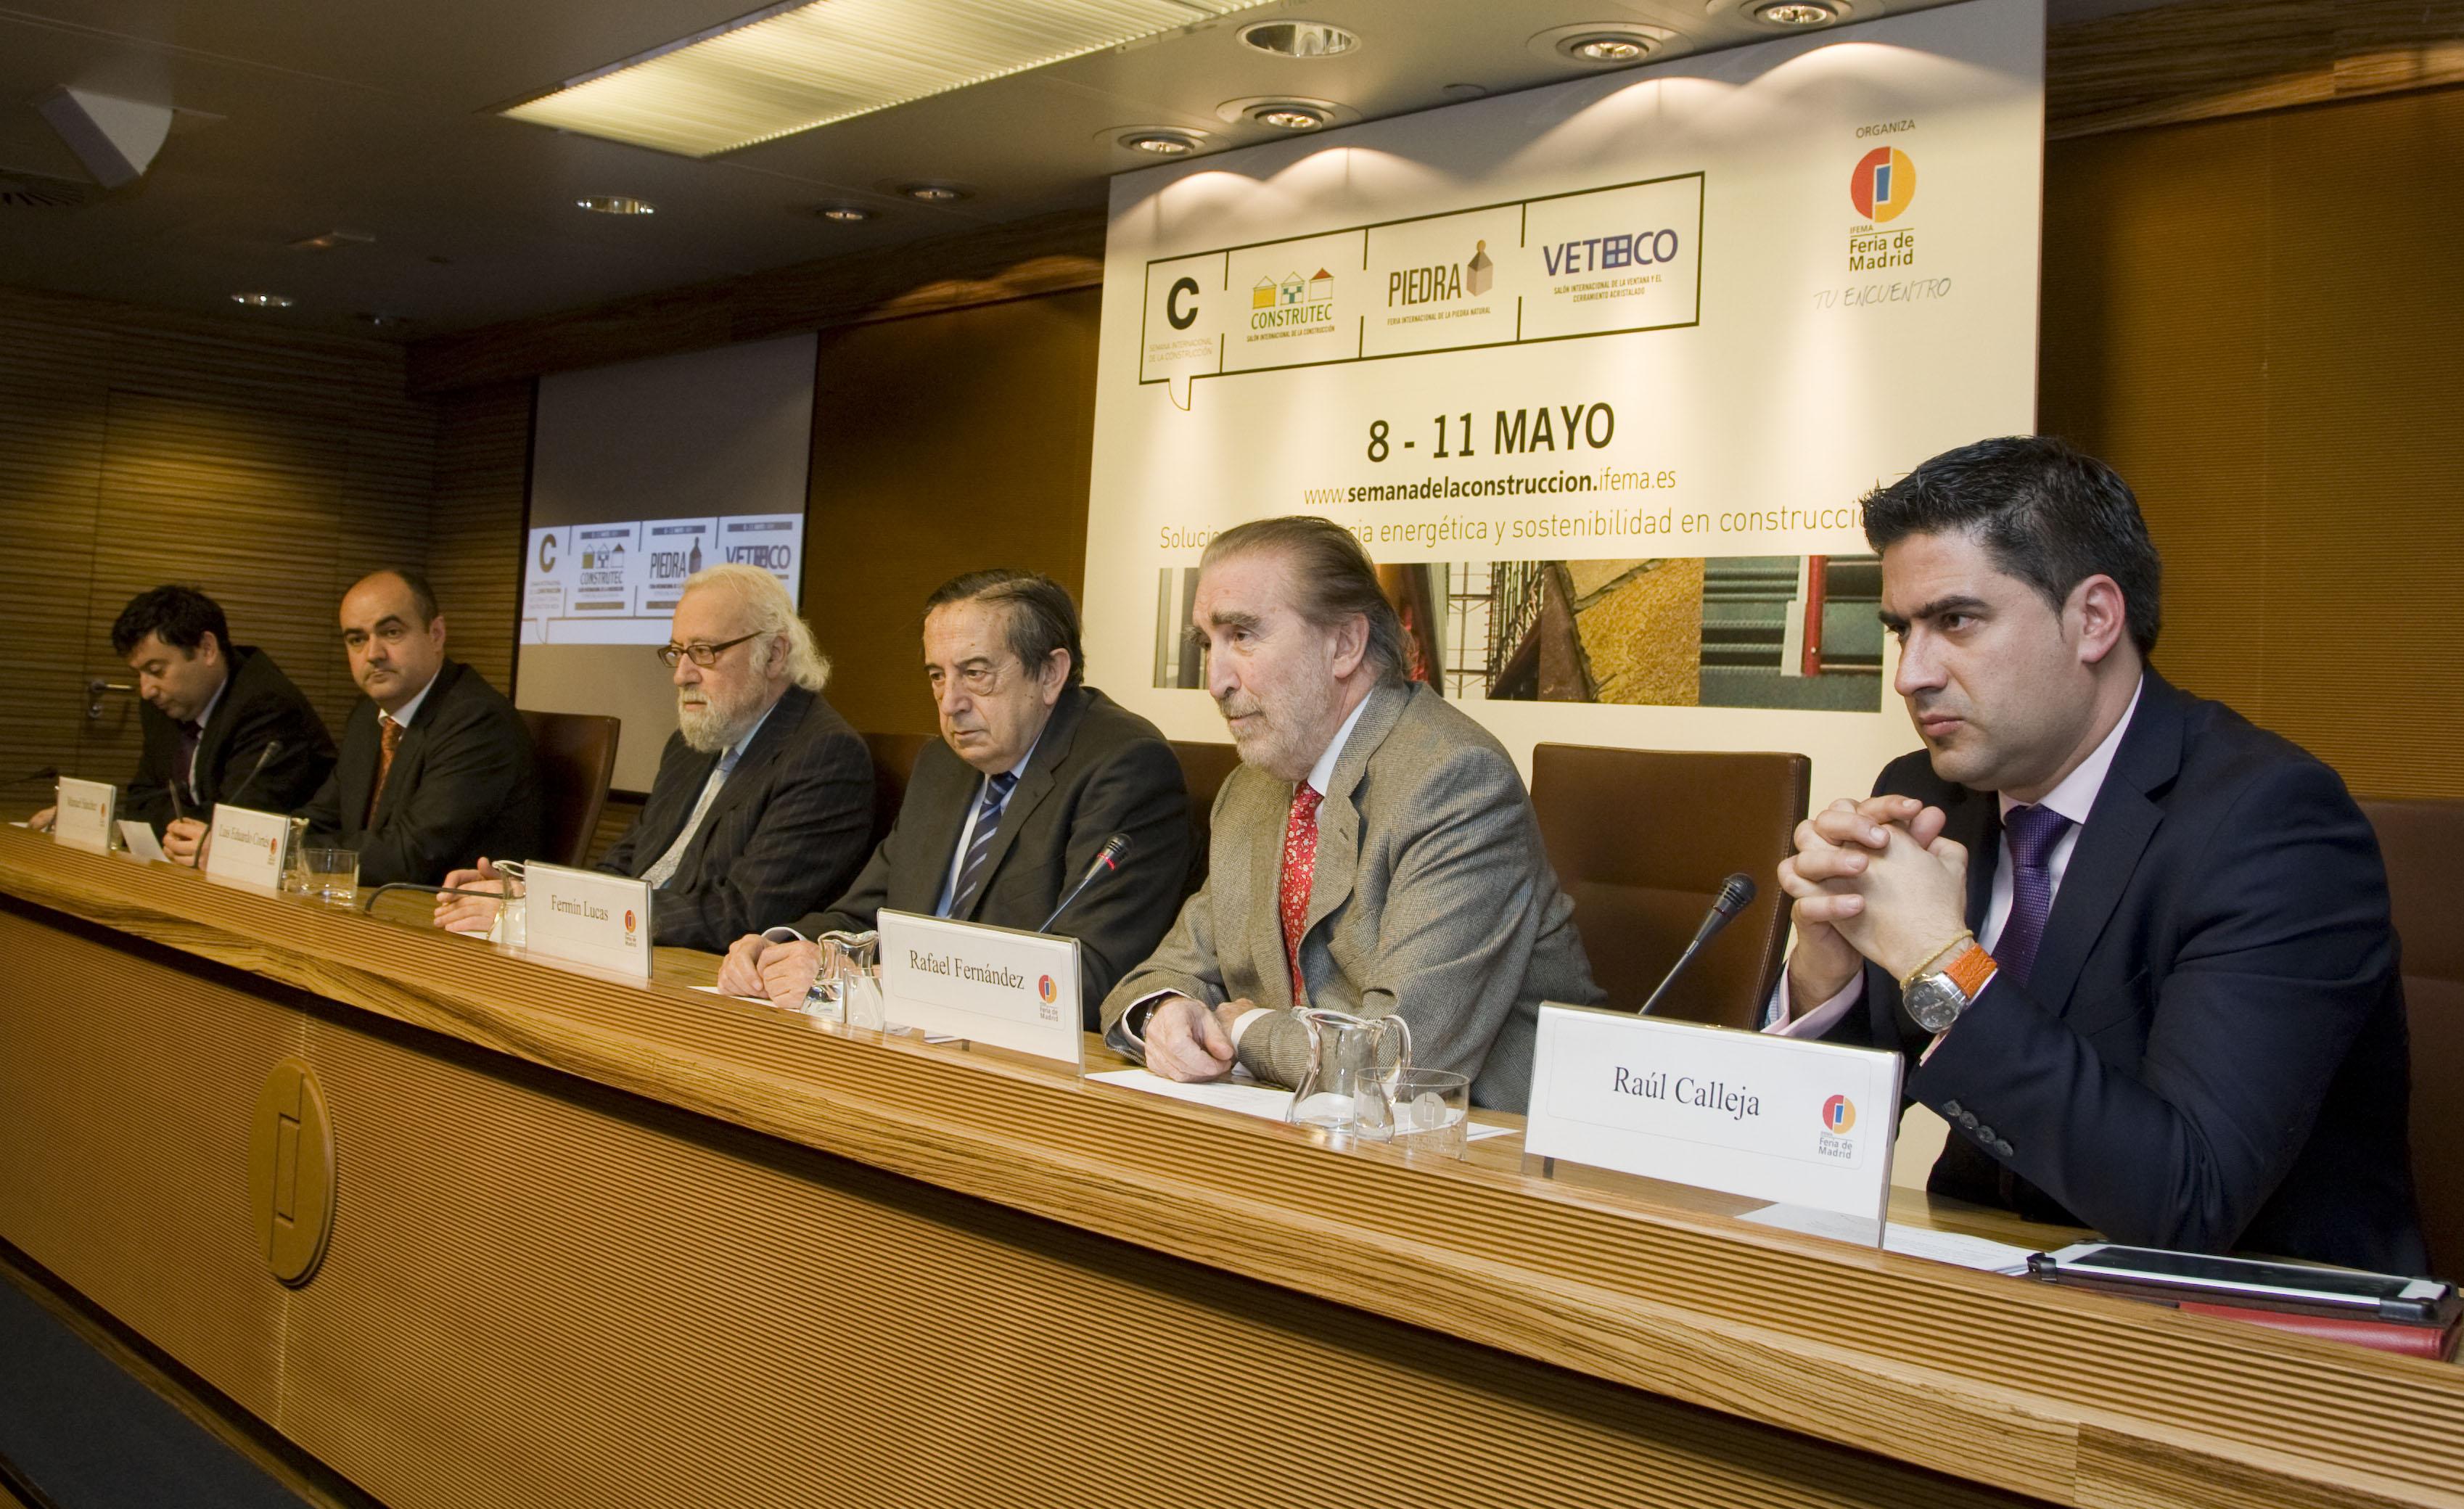 Rafael Fernadez,segundo por la derecha, presidente de CEPCO y del consejo asesor, en la rueda de prensa celebrada ayer.